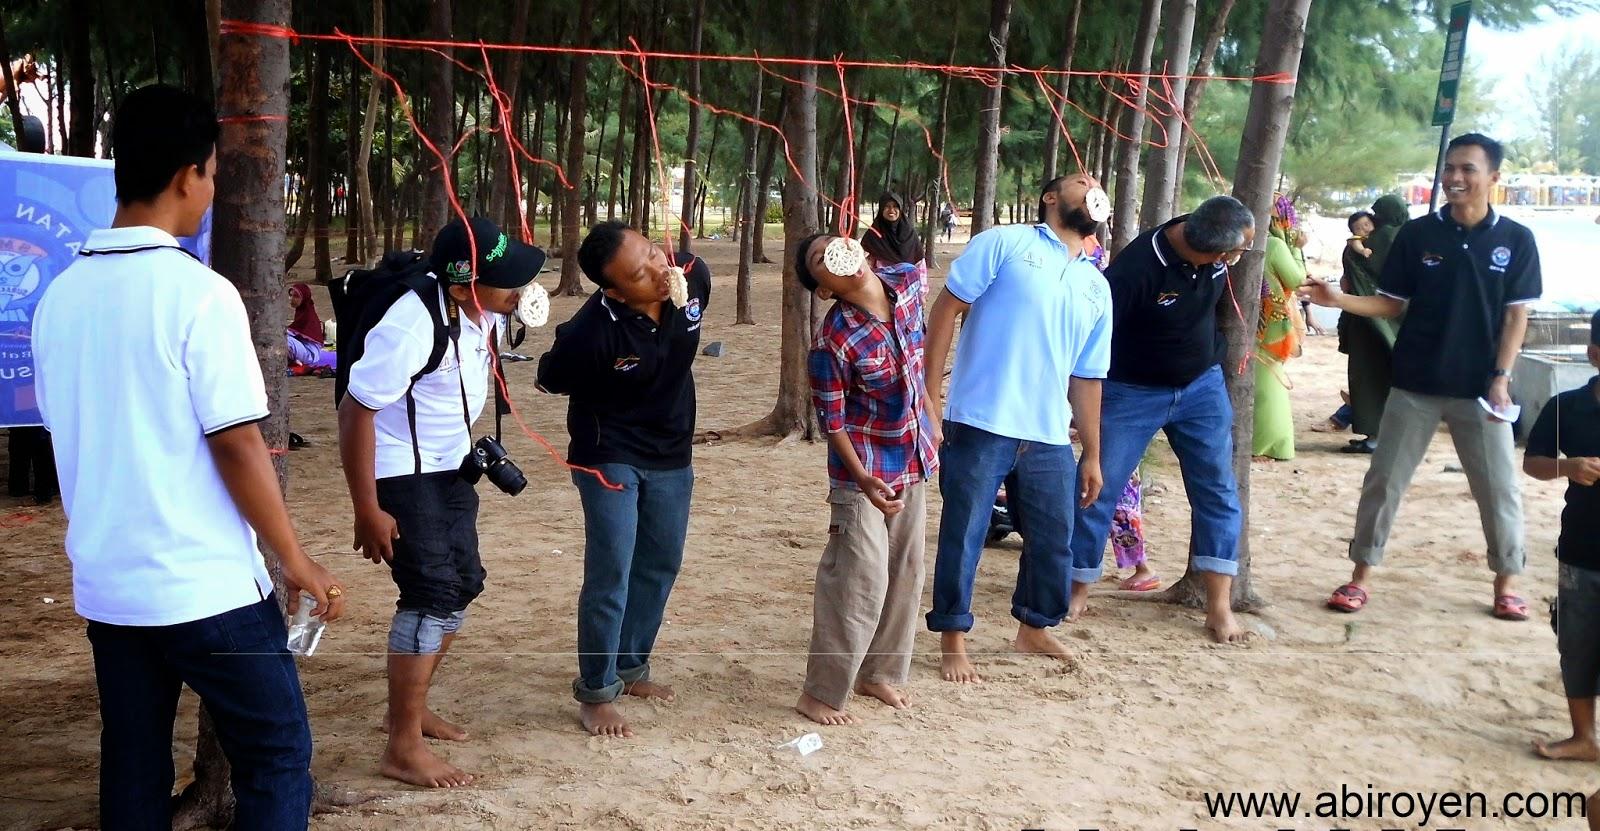 Family%2BGathering%2B5 Family Gathering Ikatan Alumni SMKN2 Surakarta Regional Batam